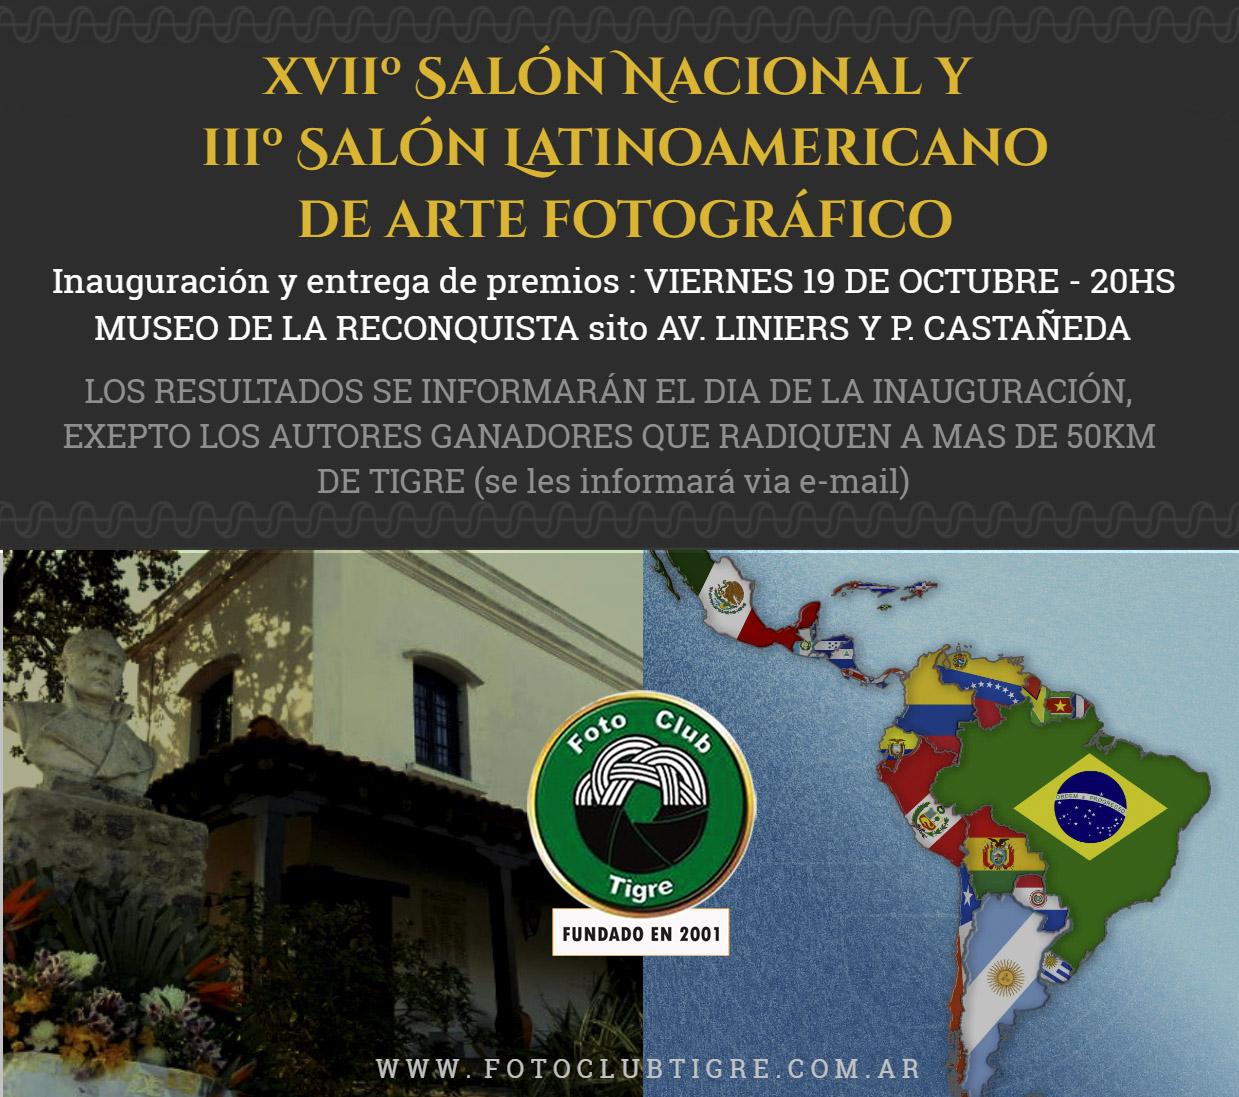 IIIº Salón LATINOAMERICANO y XVIIº Salón NACIONAL de ARTE FOTOGRÁFICO. FOTO CLUB TIGRE ARGENTINA 2018